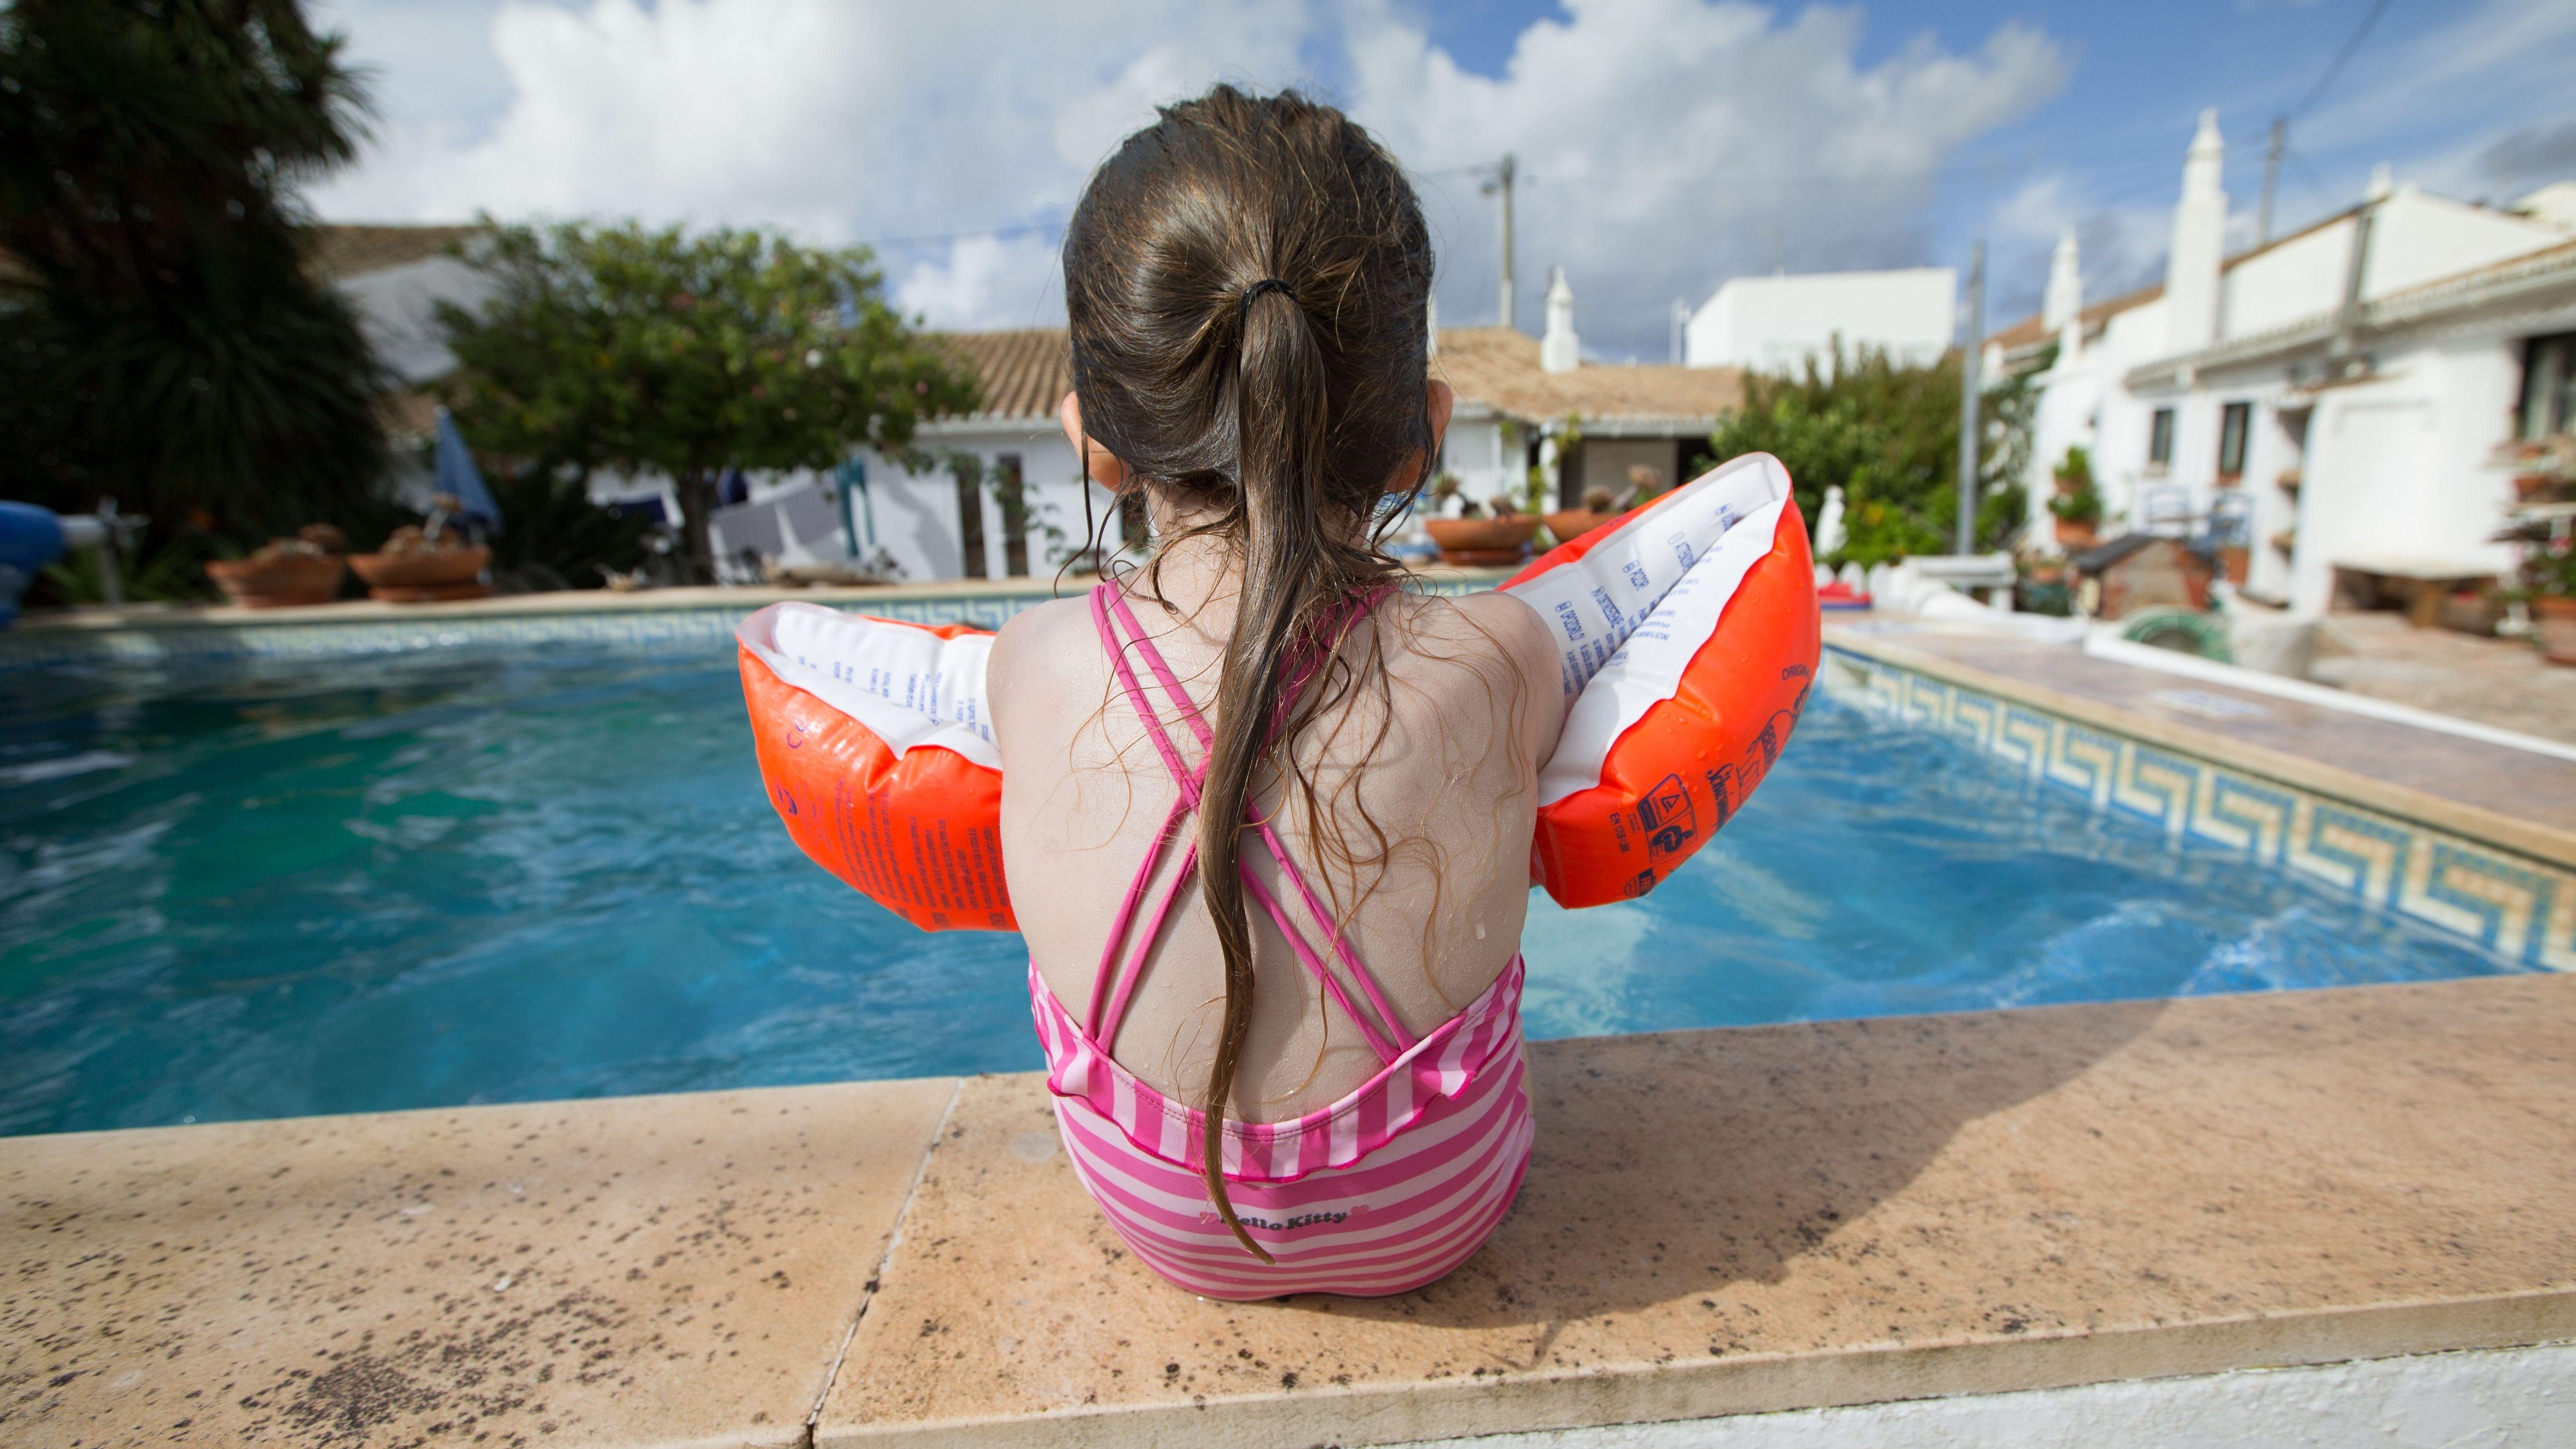 Kind mit Schwimmflügeln am Schwimmbeckenrand